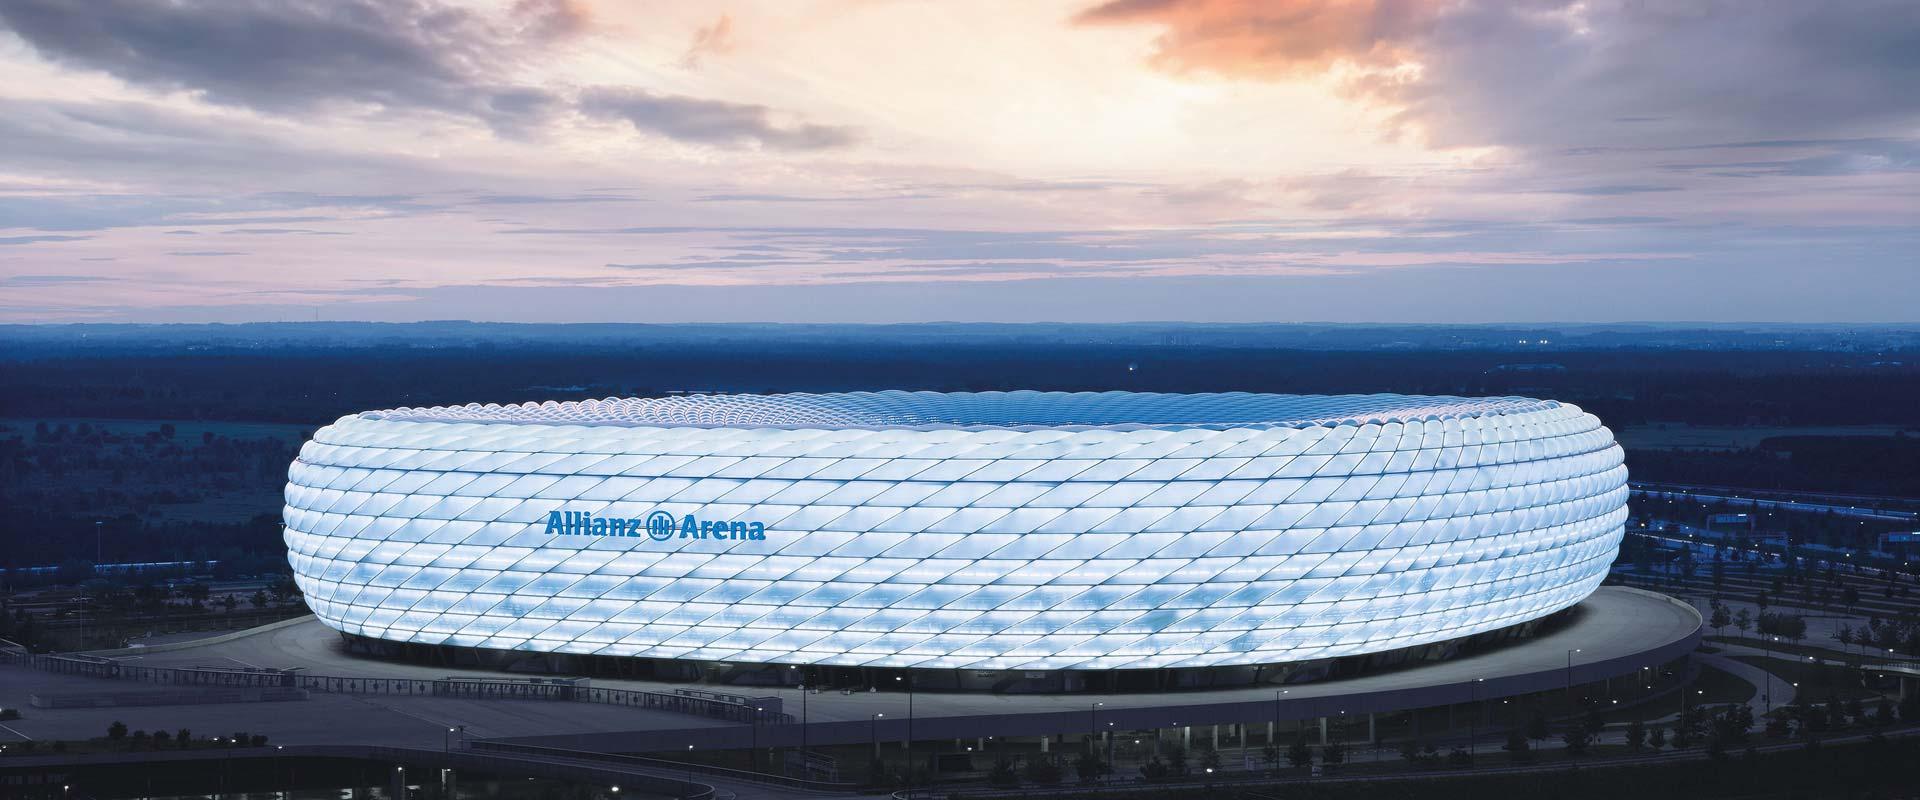 Allianz Aréna